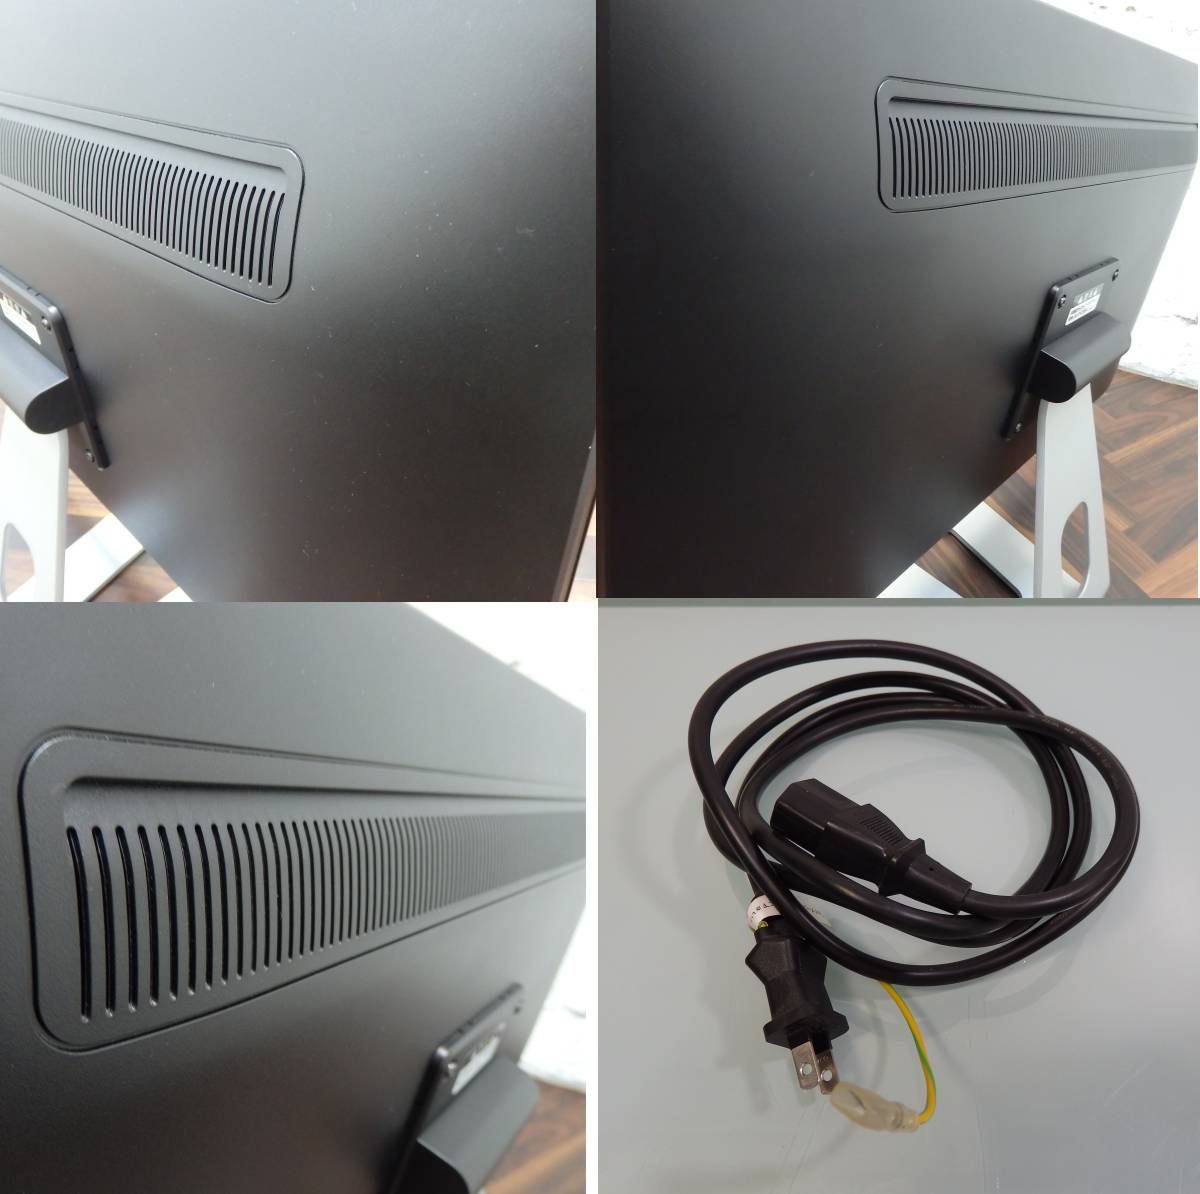 中古良品♪ 美品♪ I-O DATA LCD-MF272CGBR 27インチワイド 光沢液晶モニター 2560x1440 HDMI端子 WQHD解像度対応 アイオーデータ IO DATA_画像9